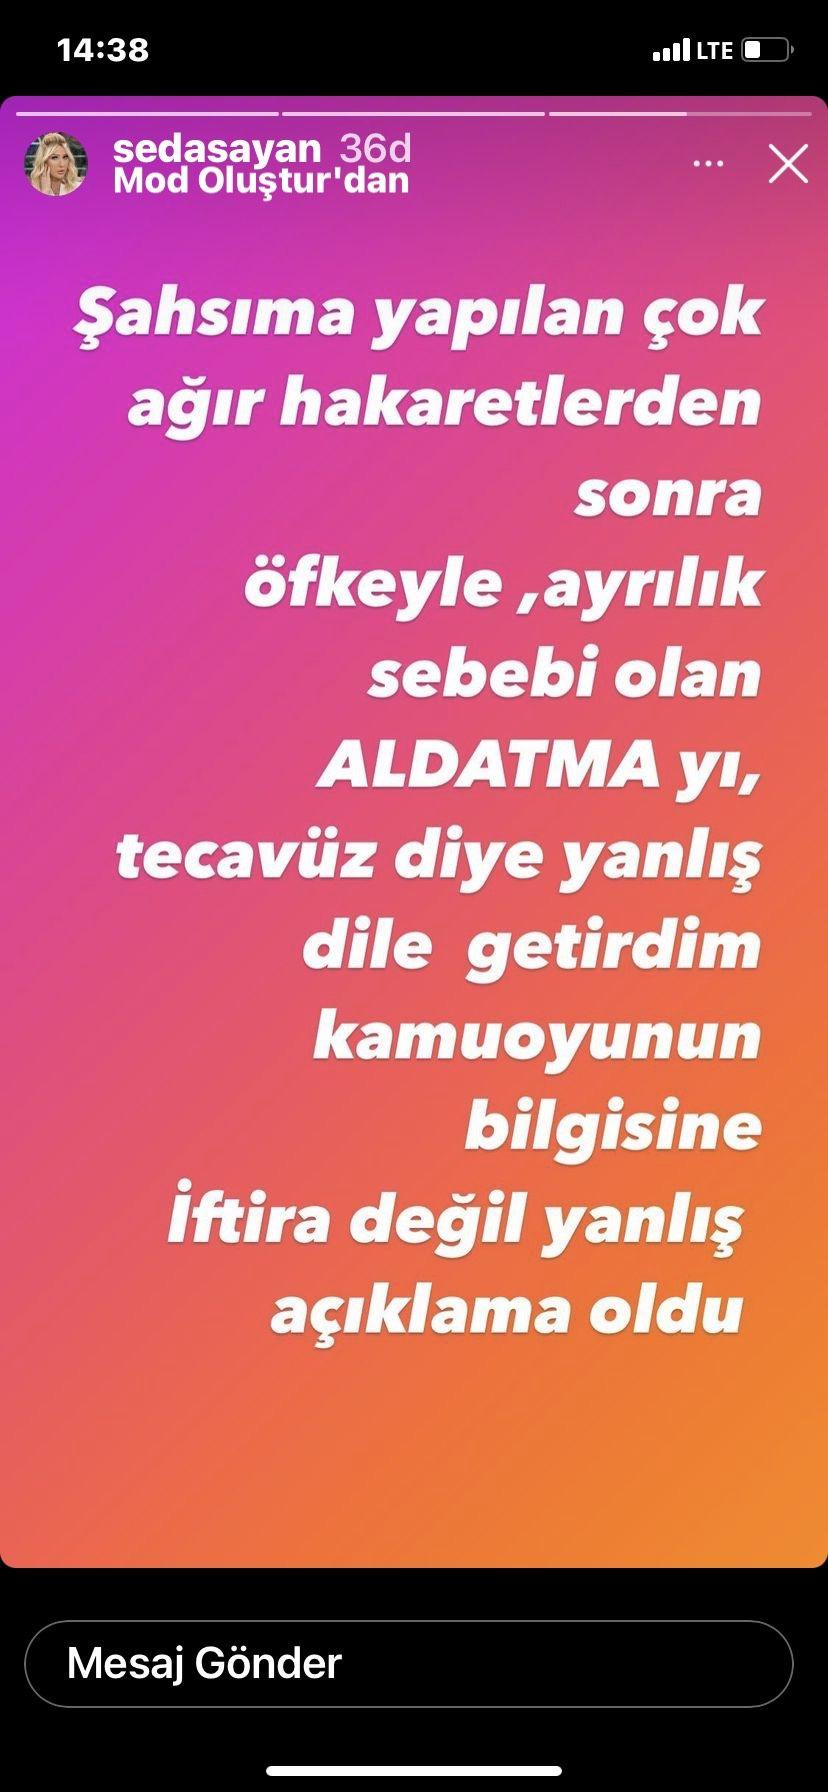 Seda Sayan Mehmet Ali Erbil olayında geri adım: Tecavüz değil aldatma, iftira değil....